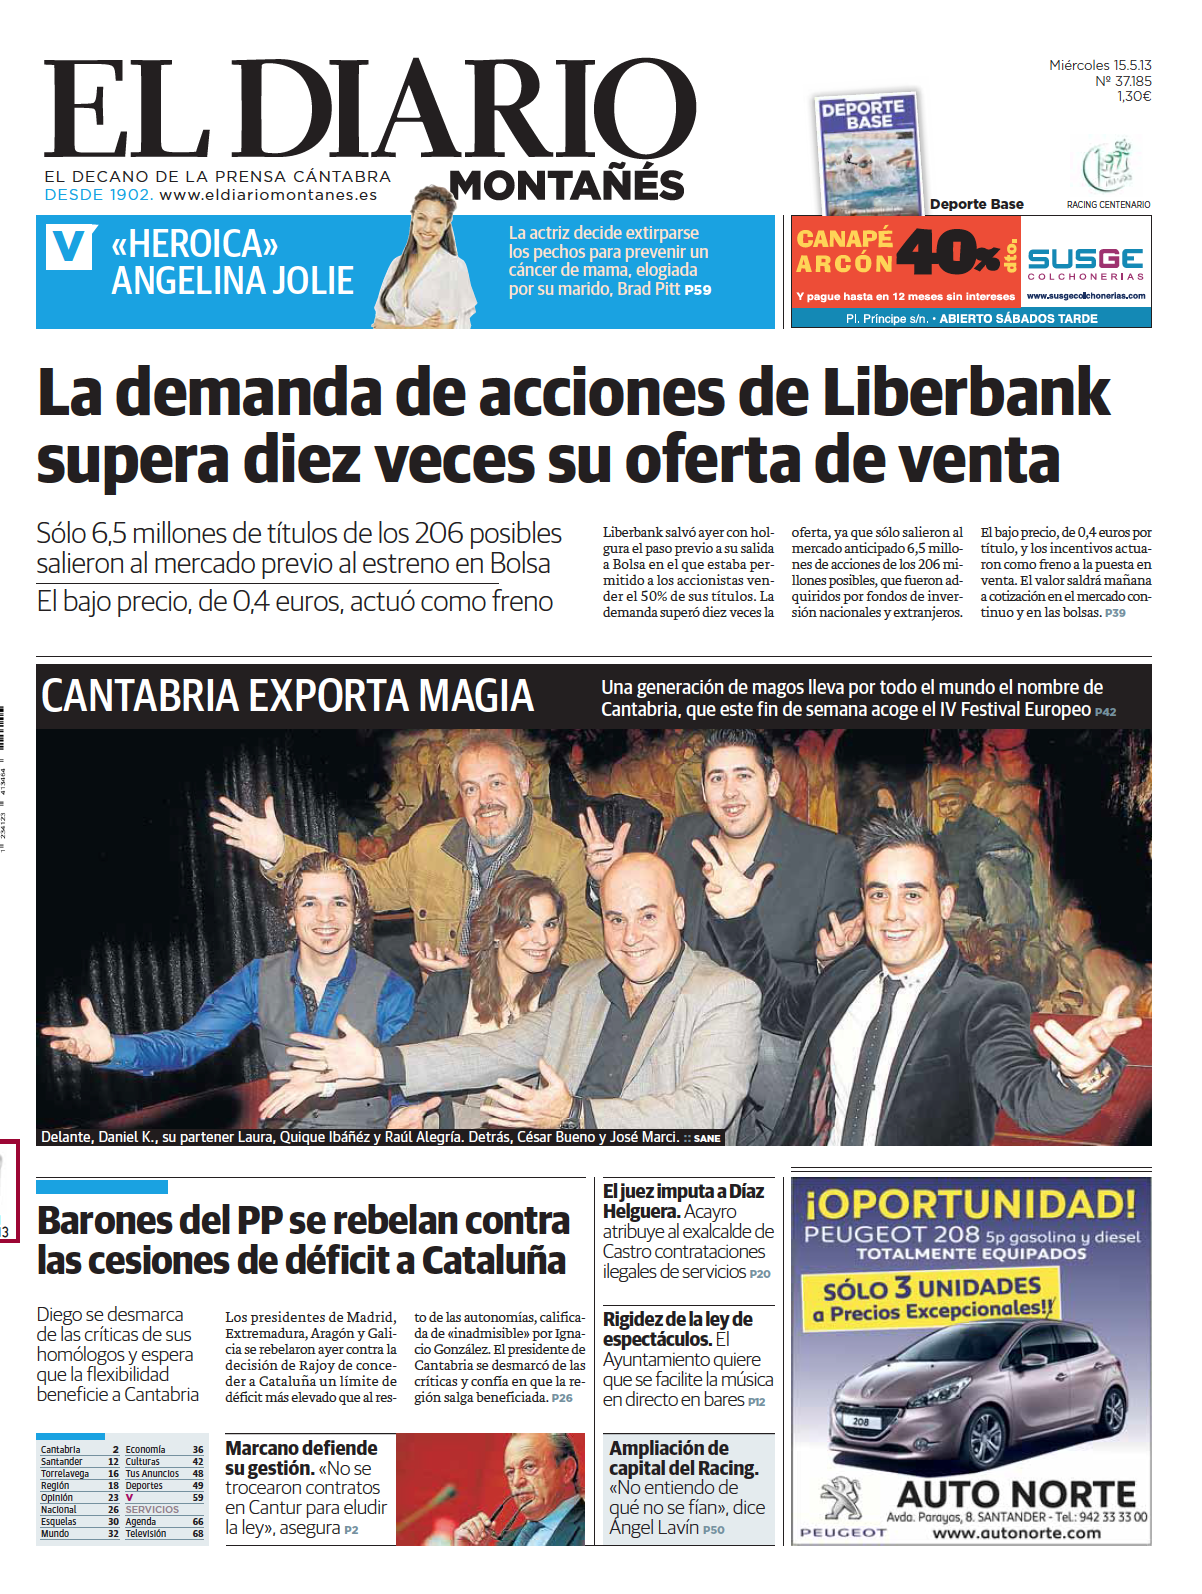 El Diario Montañés - 15/05/2013